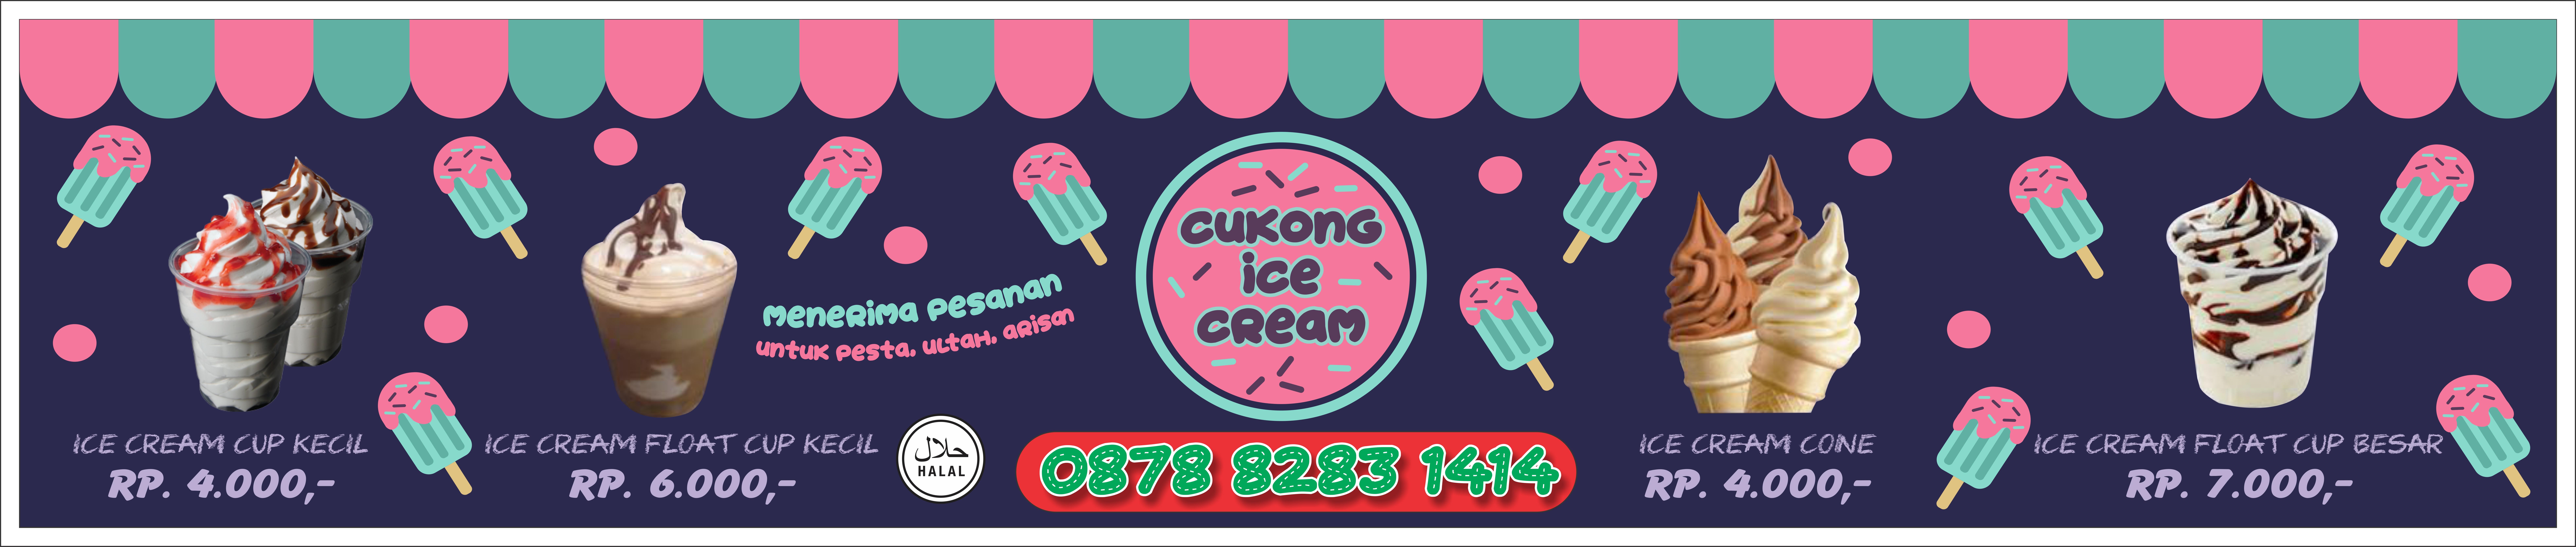 Cukong Ice_Spanduk